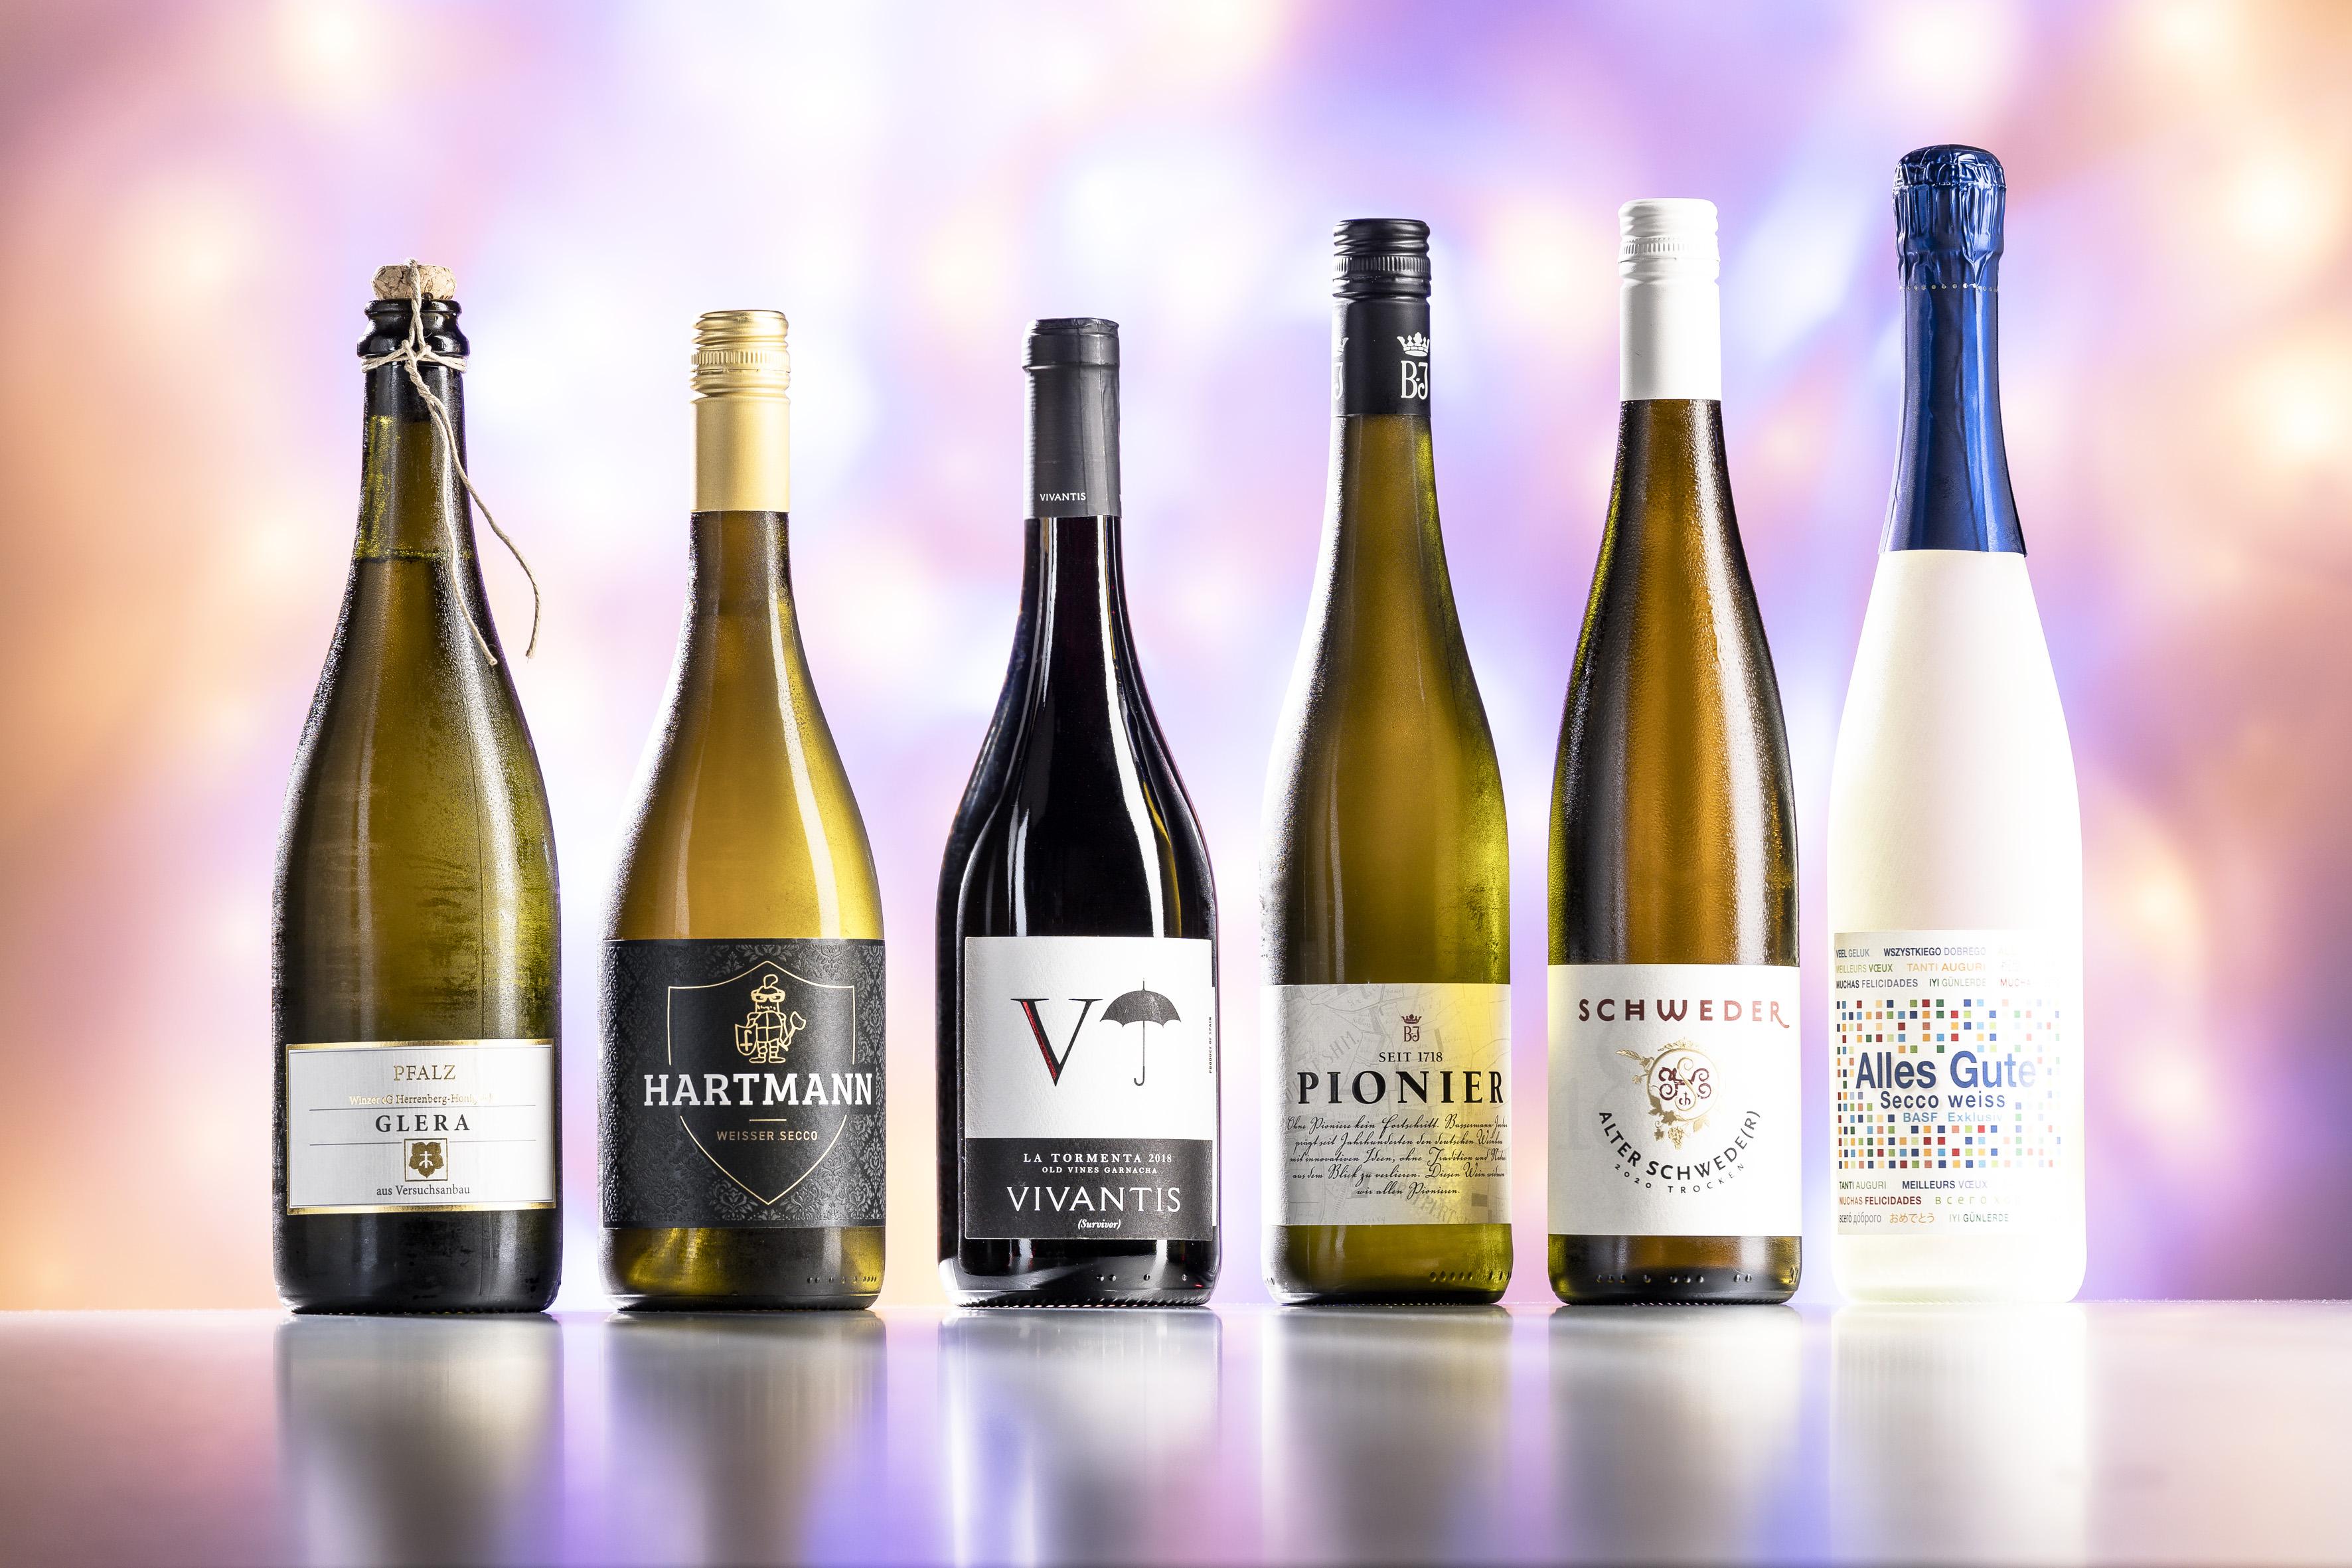 Wein- und Sektpaket zum MM-Jubiläum aus dem BASF-Weinkeller